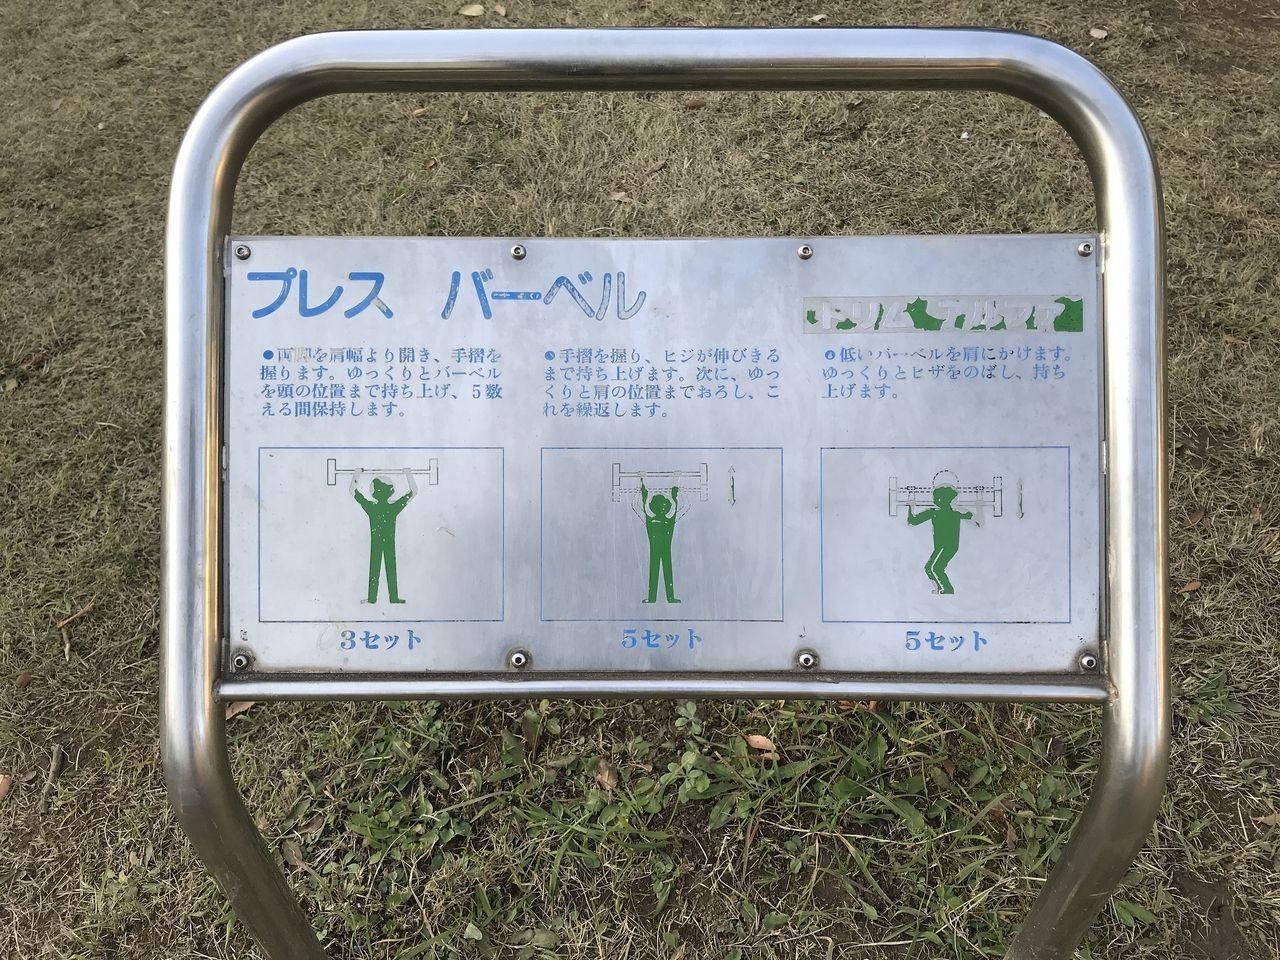 南行徳公園のプレスバーベルの説明書